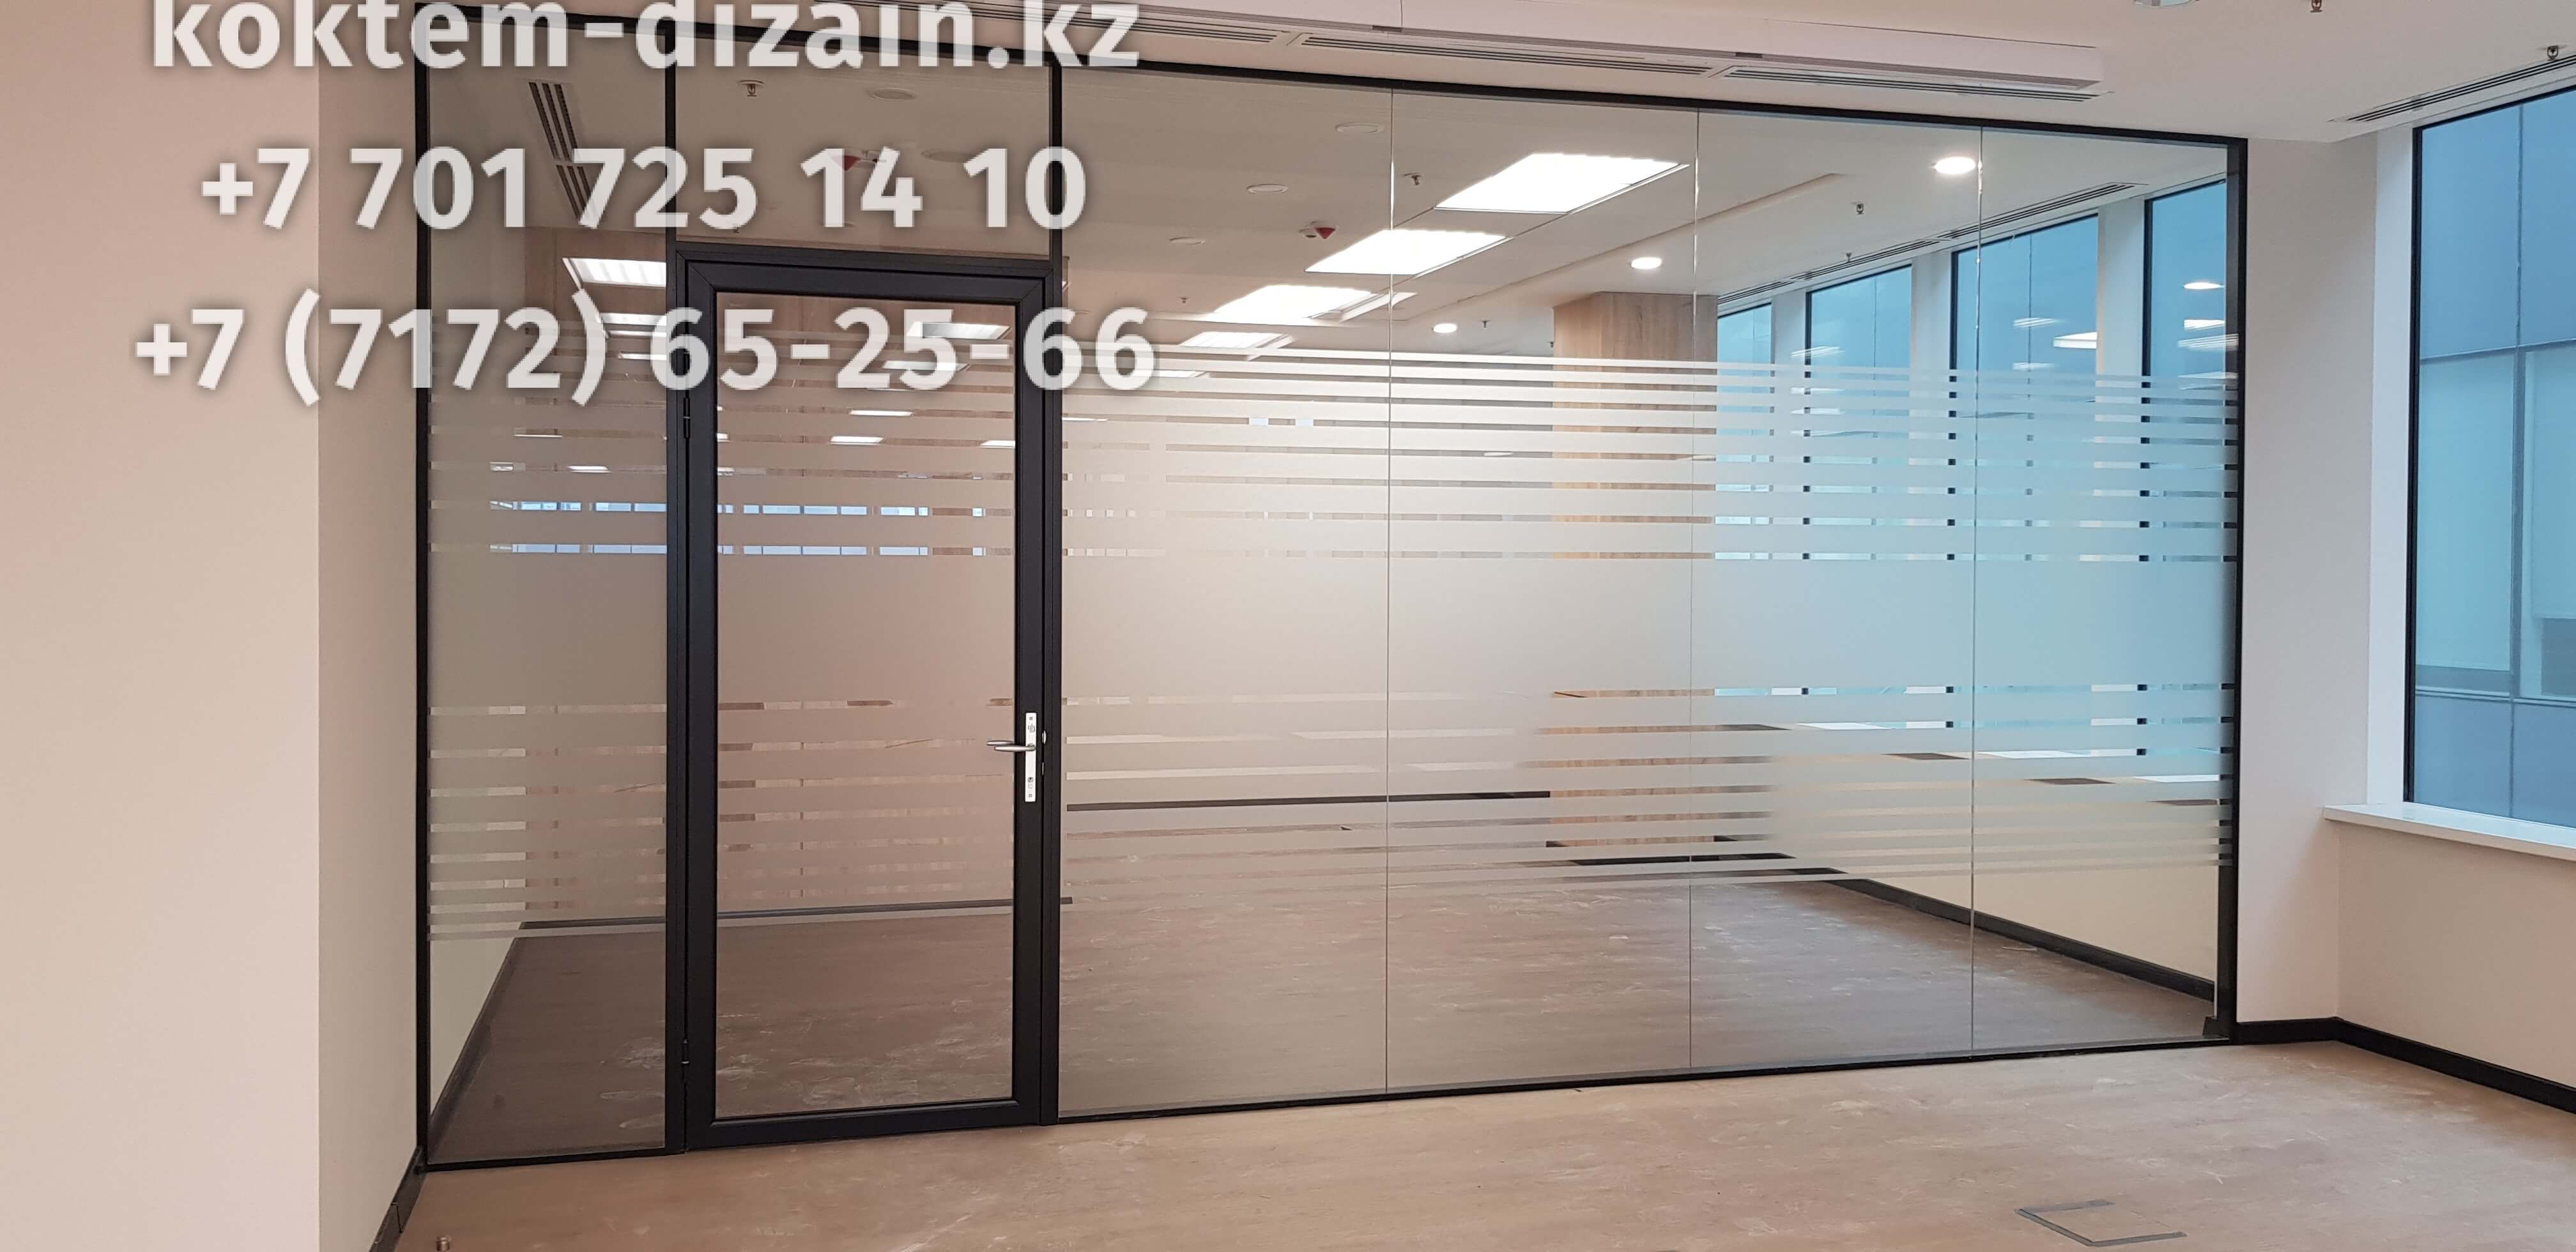 перегородки для офисов - фото с сайта Коктем Дизайн